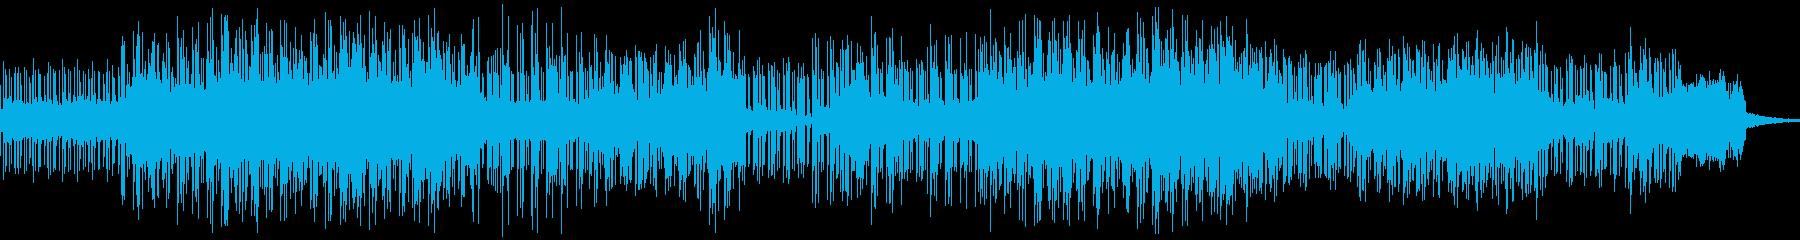 ダークでシリアスなメロディーの再生済みの波形